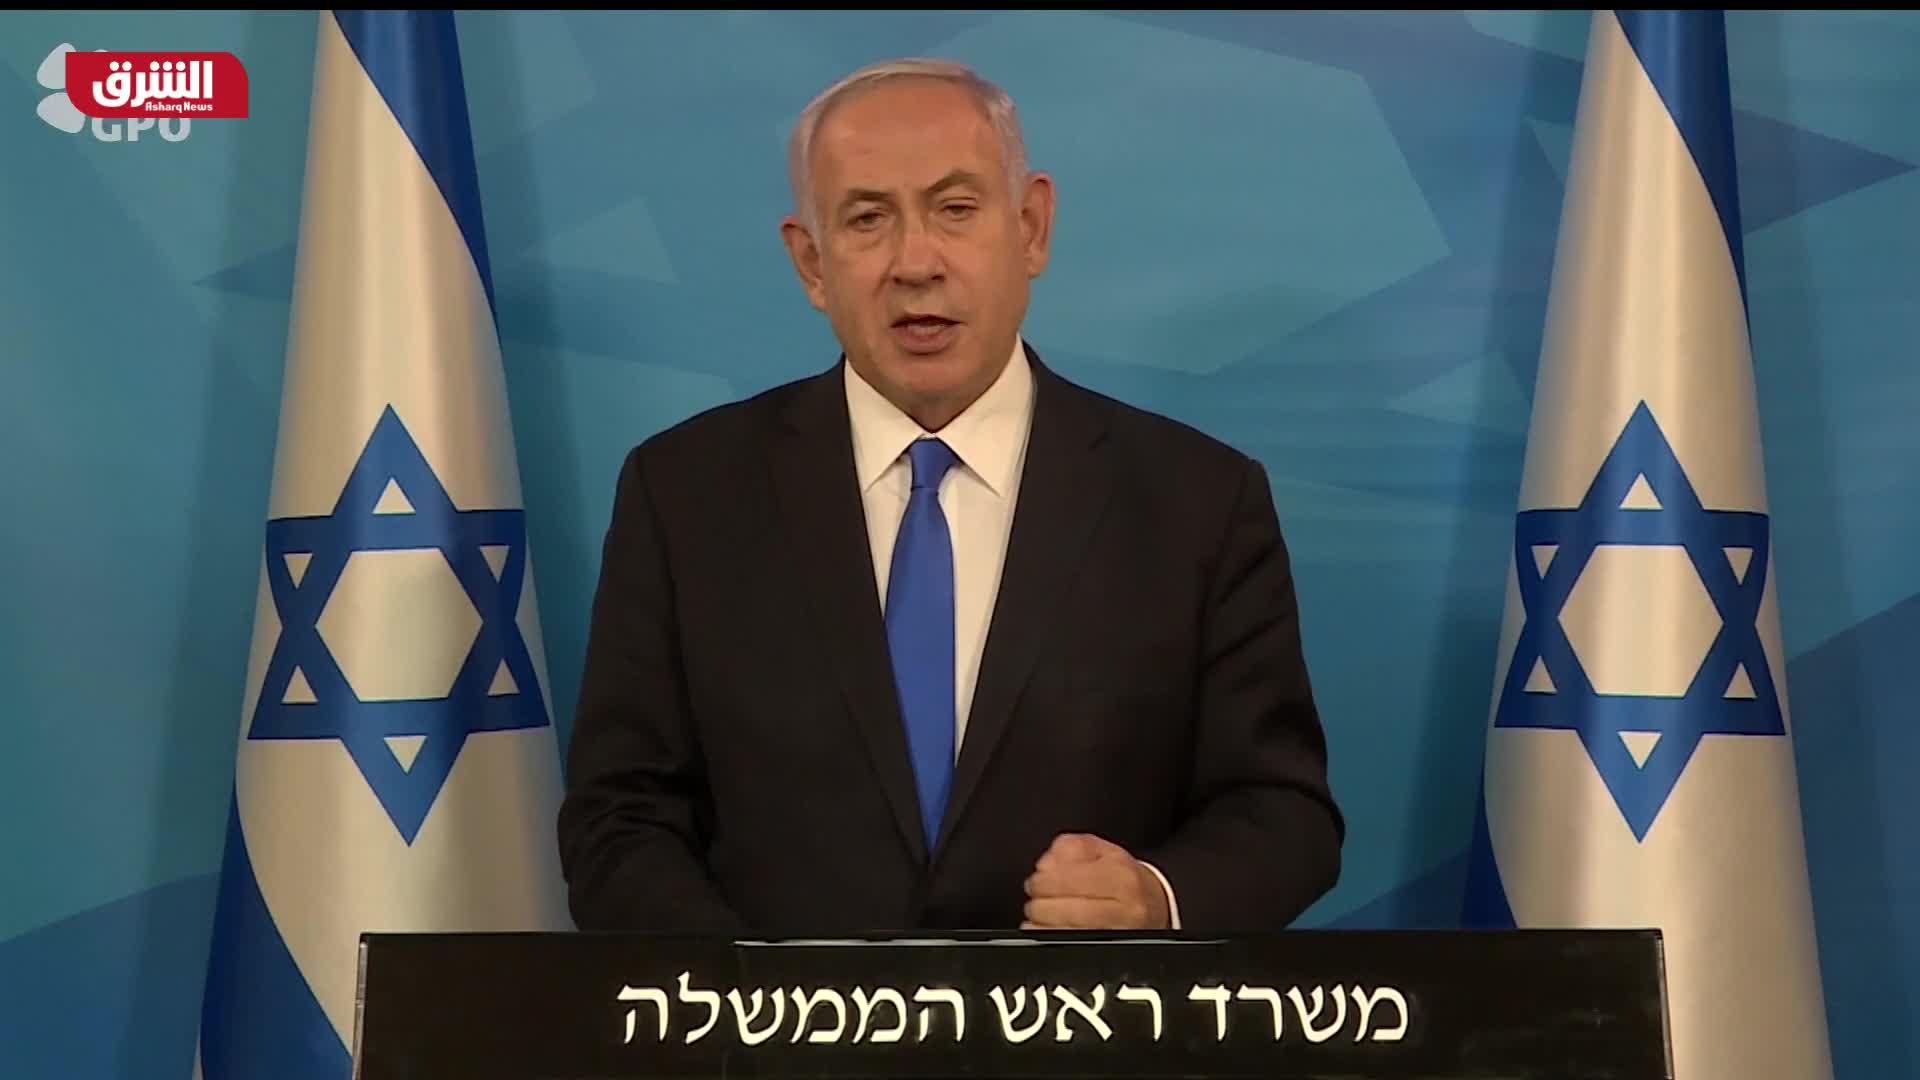 المواقف الأميركية خيبت آمال الفلسطينيين بعد وعود بايدن السابقة